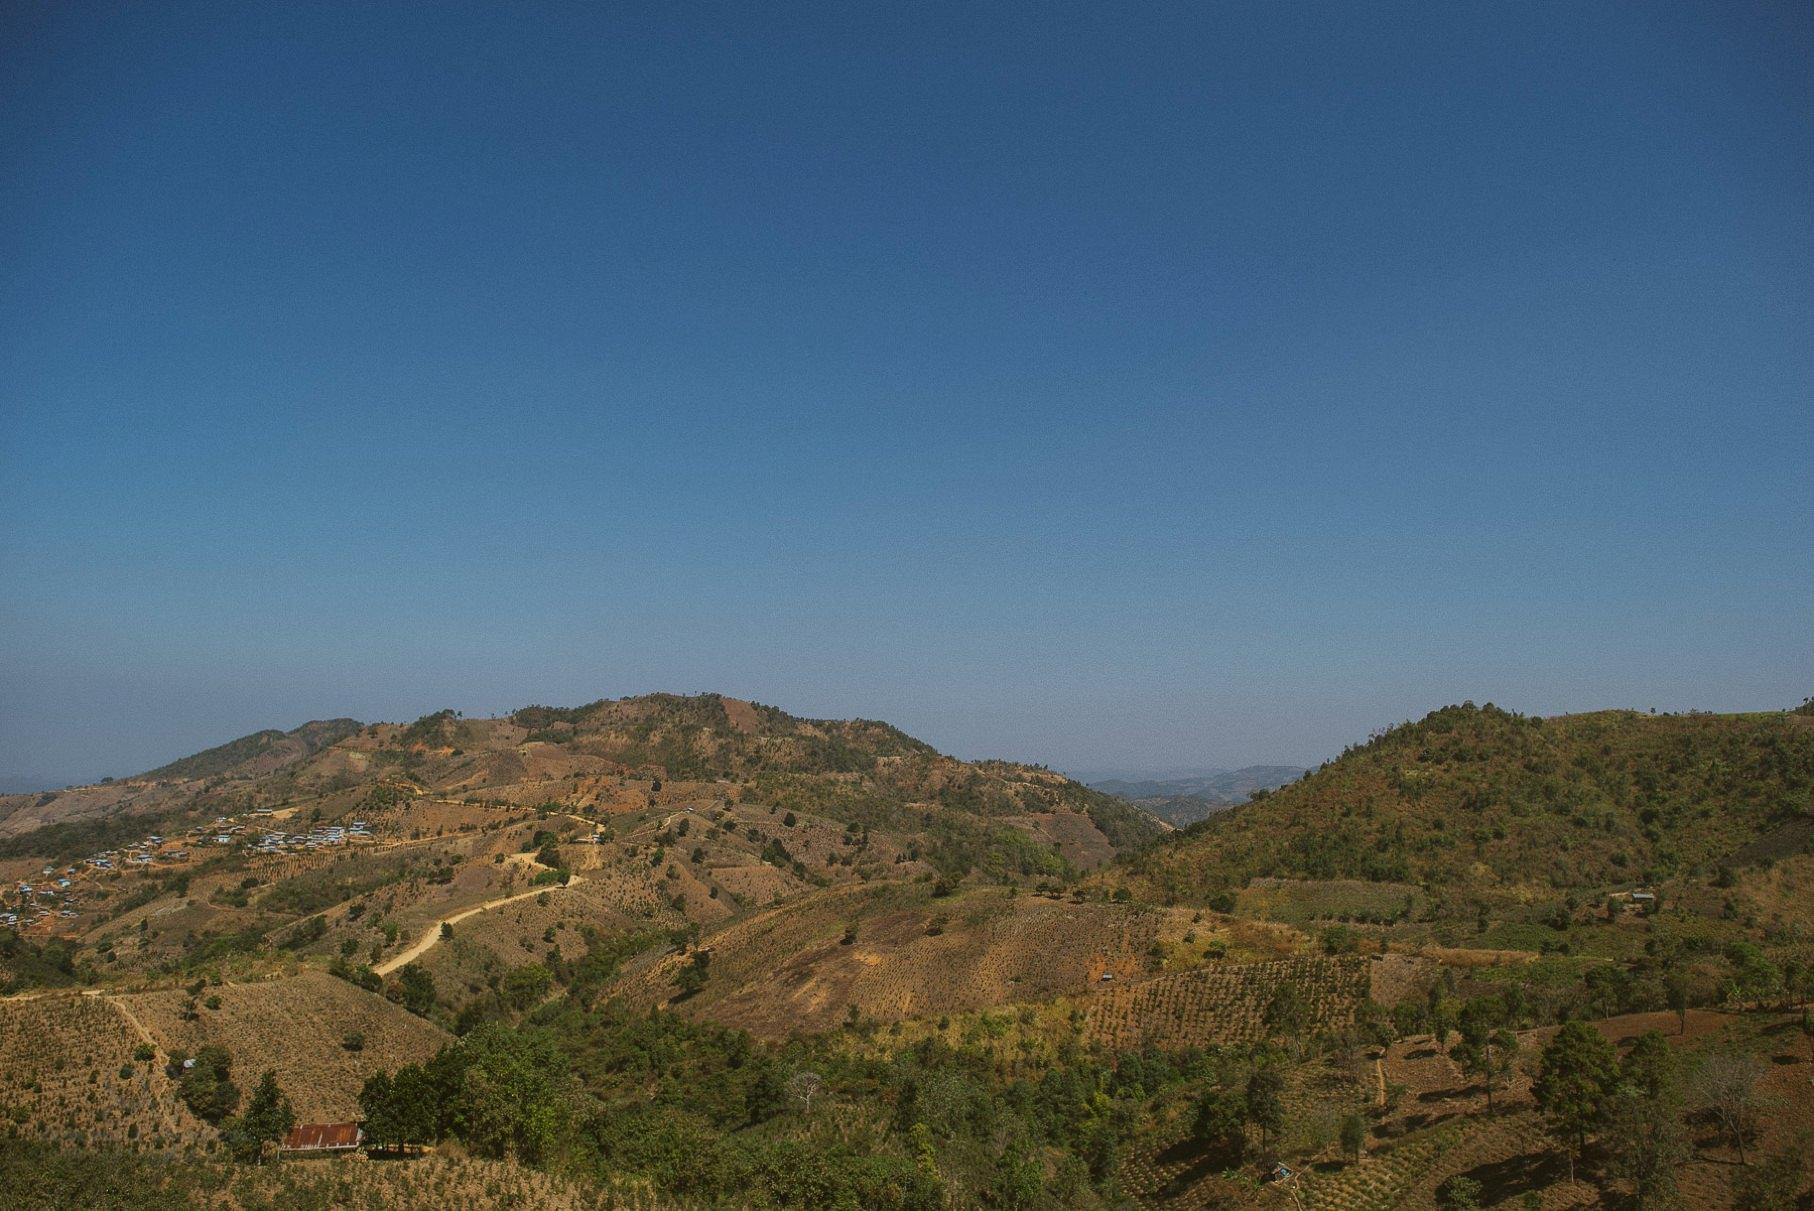 0001 inle lake trekking d76 5123 - Trekking von Kalaw zum Inle-See - Myanmar / Burma